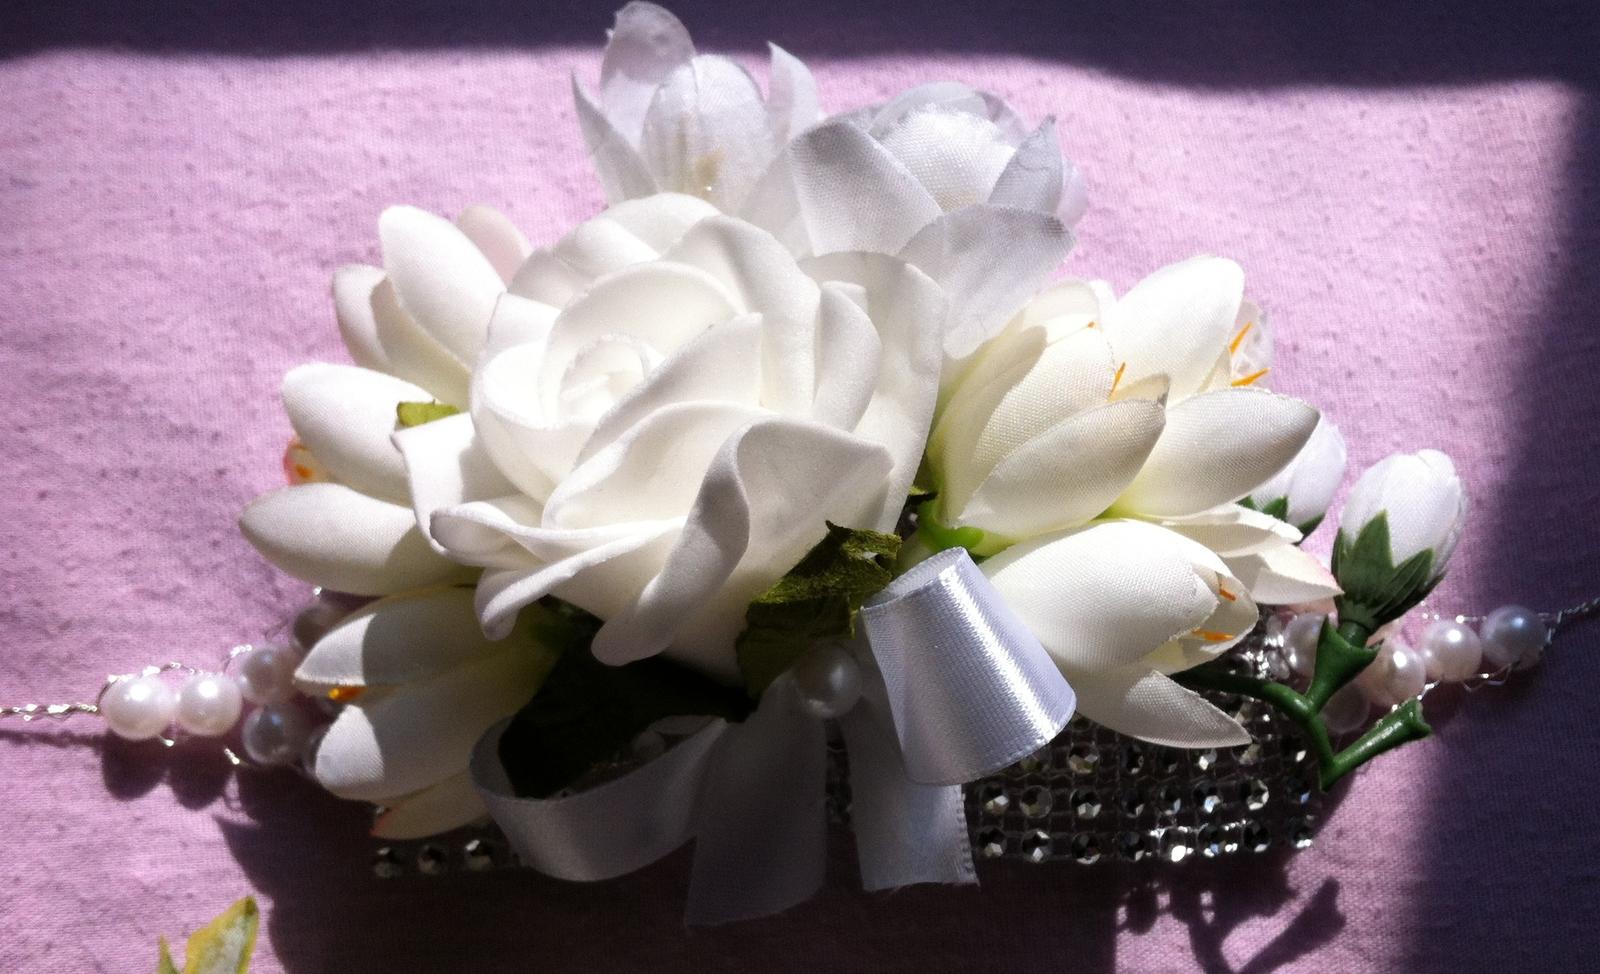 Netradiční svatební kytice - pěnové růžičky + polštářky pod prstýnky, košíčky - Obrázek č. 65